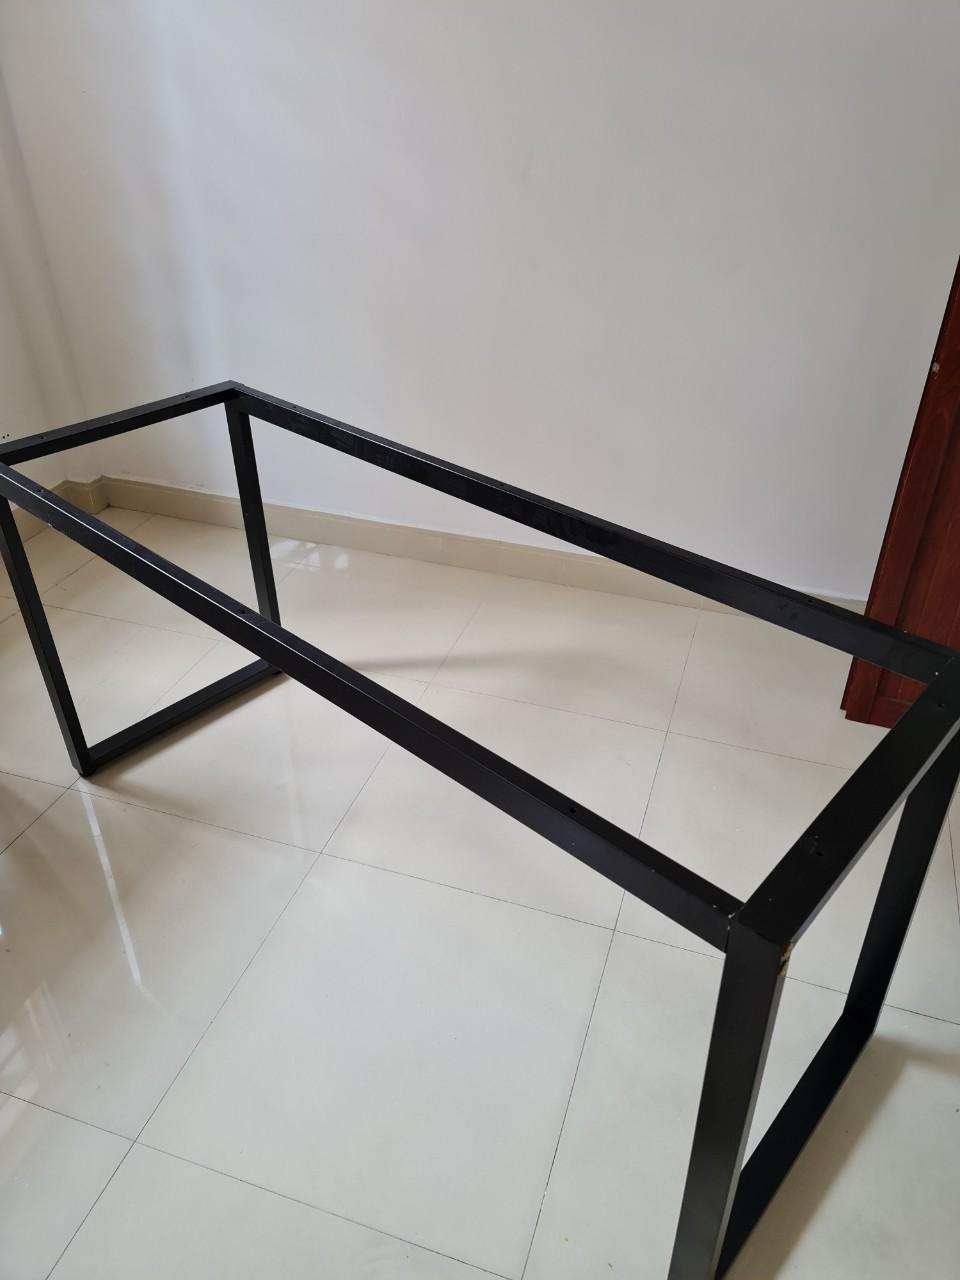 Khung bàn chân sắt sơn tĩnh điện lắp ráp 1m8x60 : KG – K1860